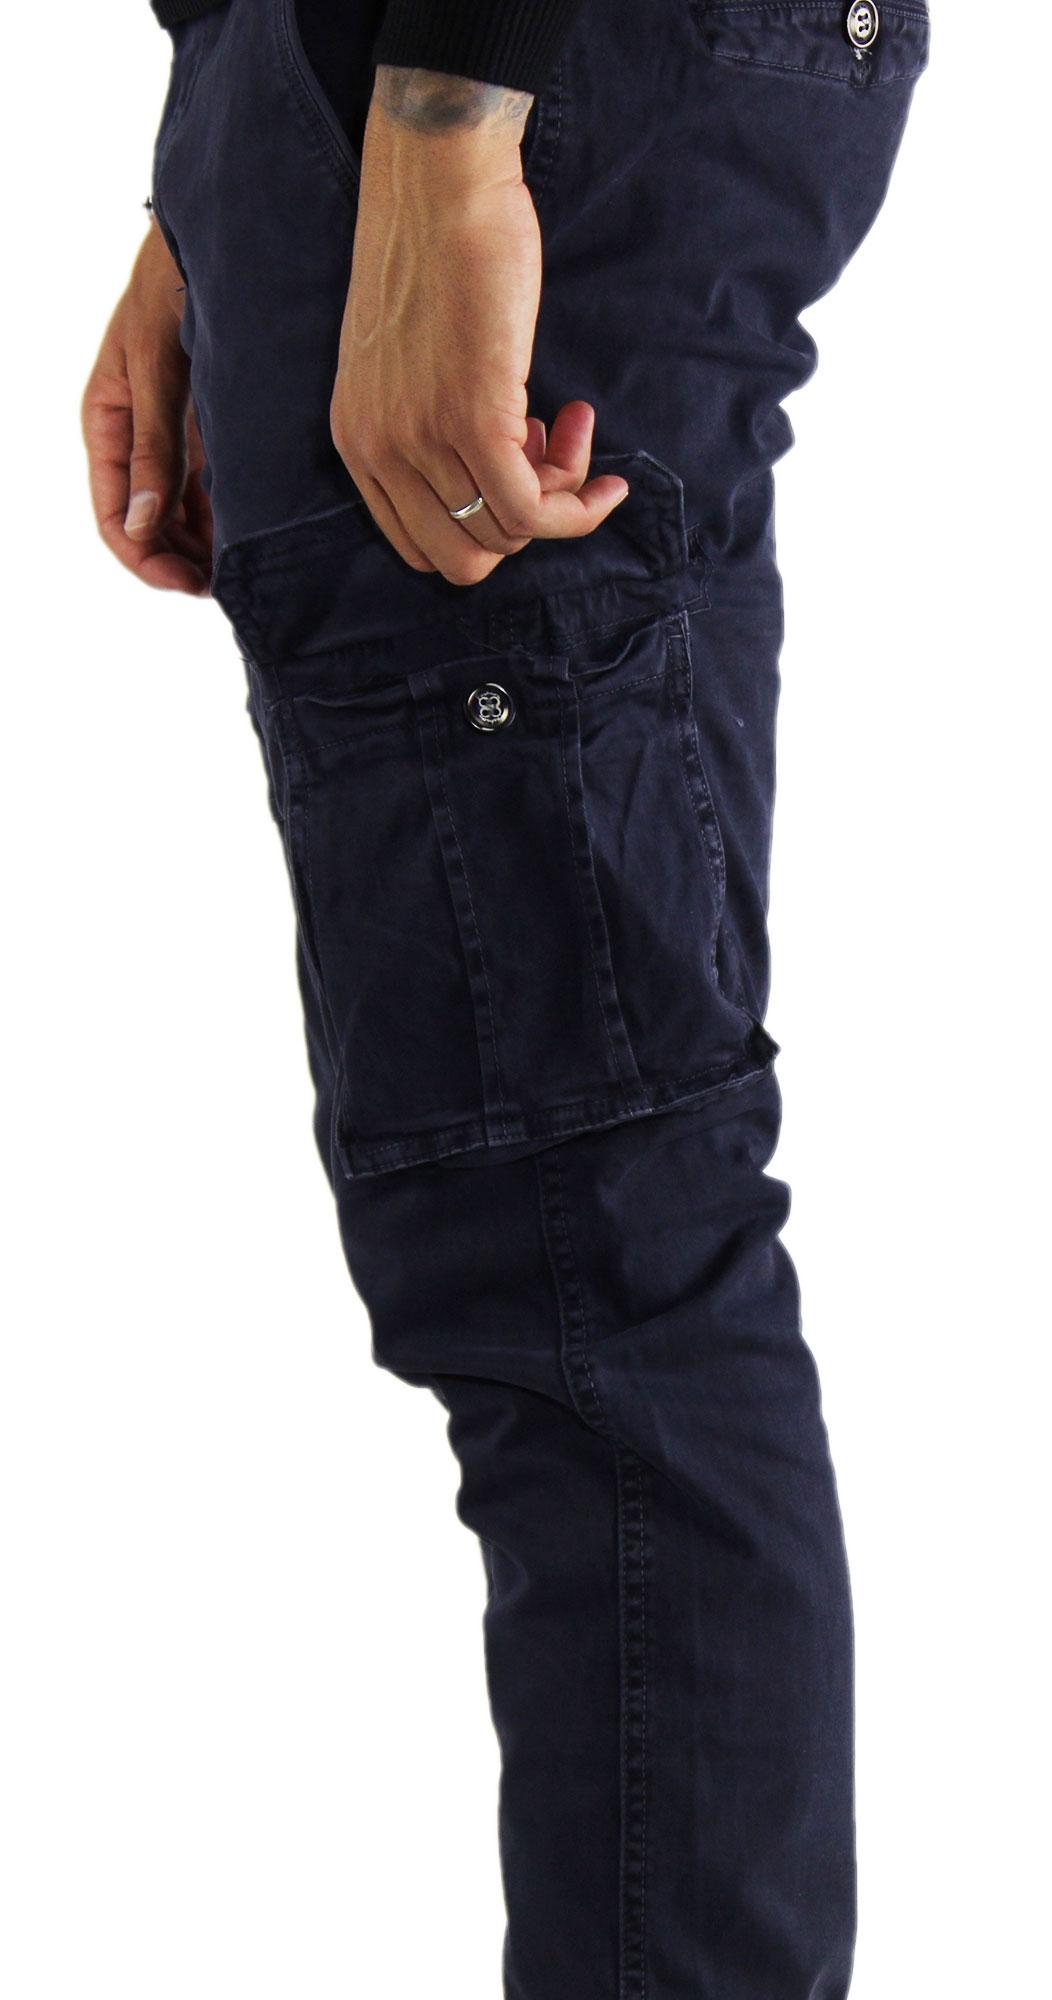 Pantaloni-Cargo-Uomo-Tasche-Laterali-Invernali-Cotone-Slim-Fit-Tasconi-Casual miniatura 8